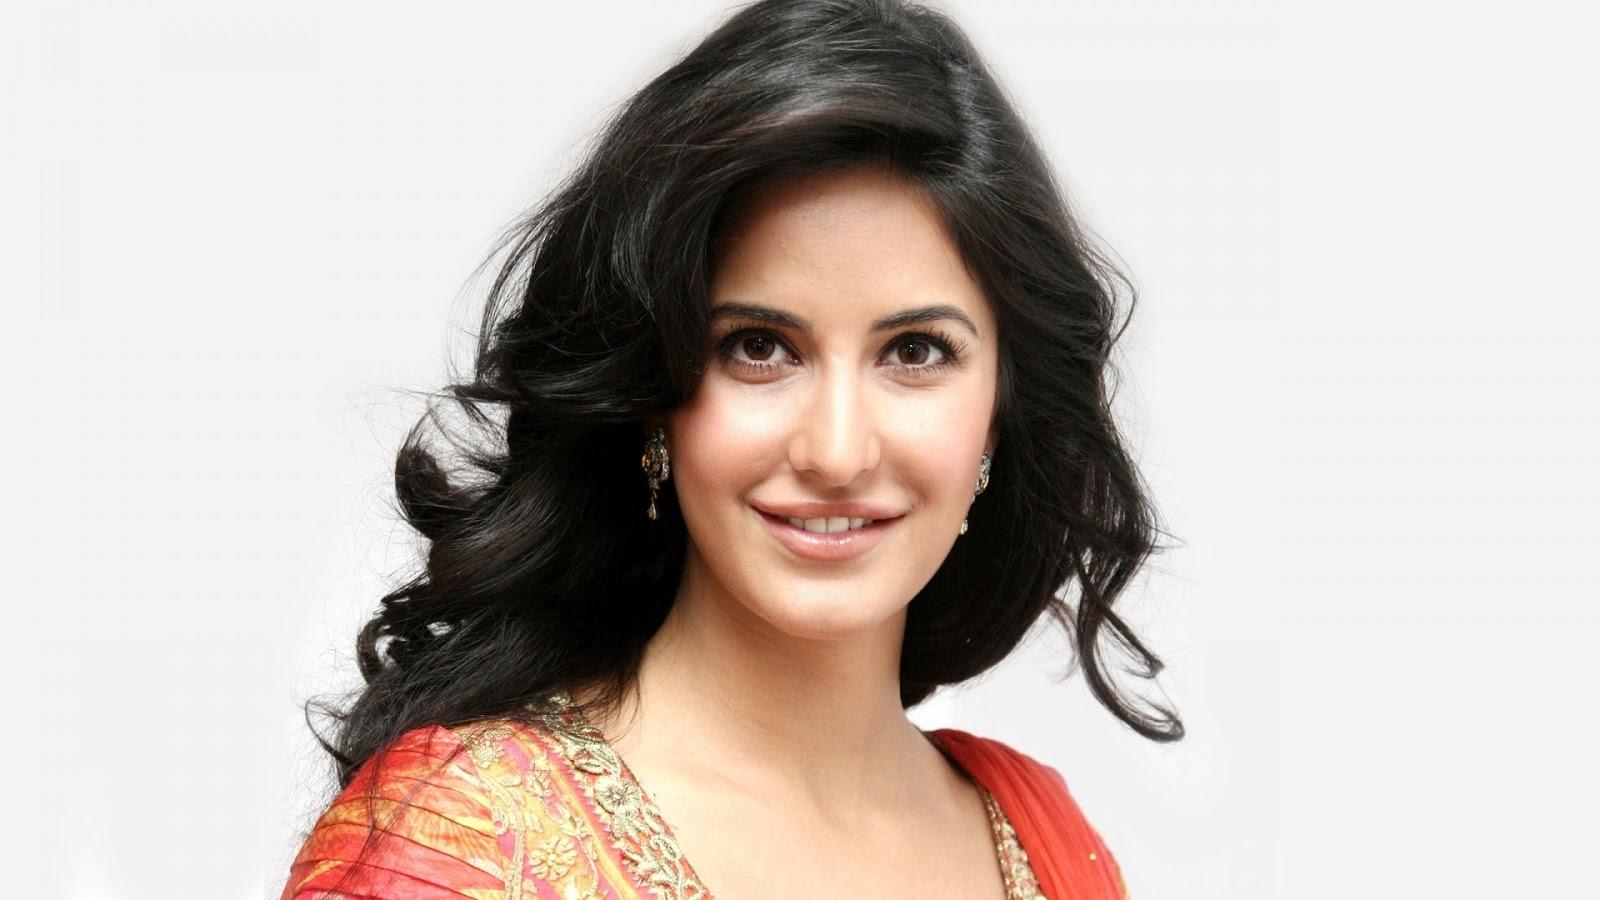 Actress Wallpapers Download Free: HD Wallpaper Download: Beautiful Katrina Kaif Bollywood